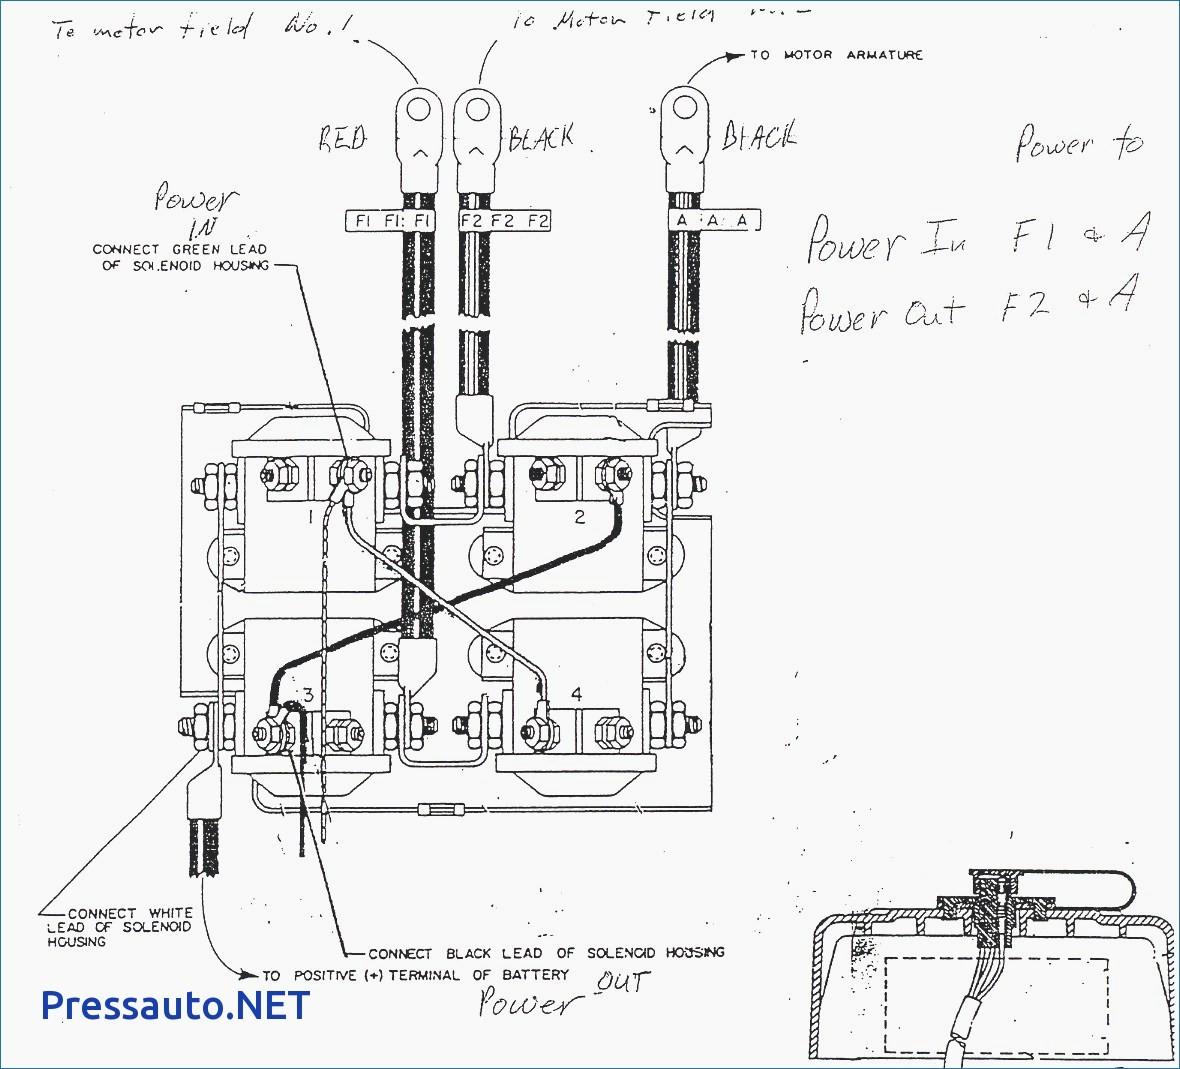 WRG-2891] John Deere 4430 Wiring Diagram on